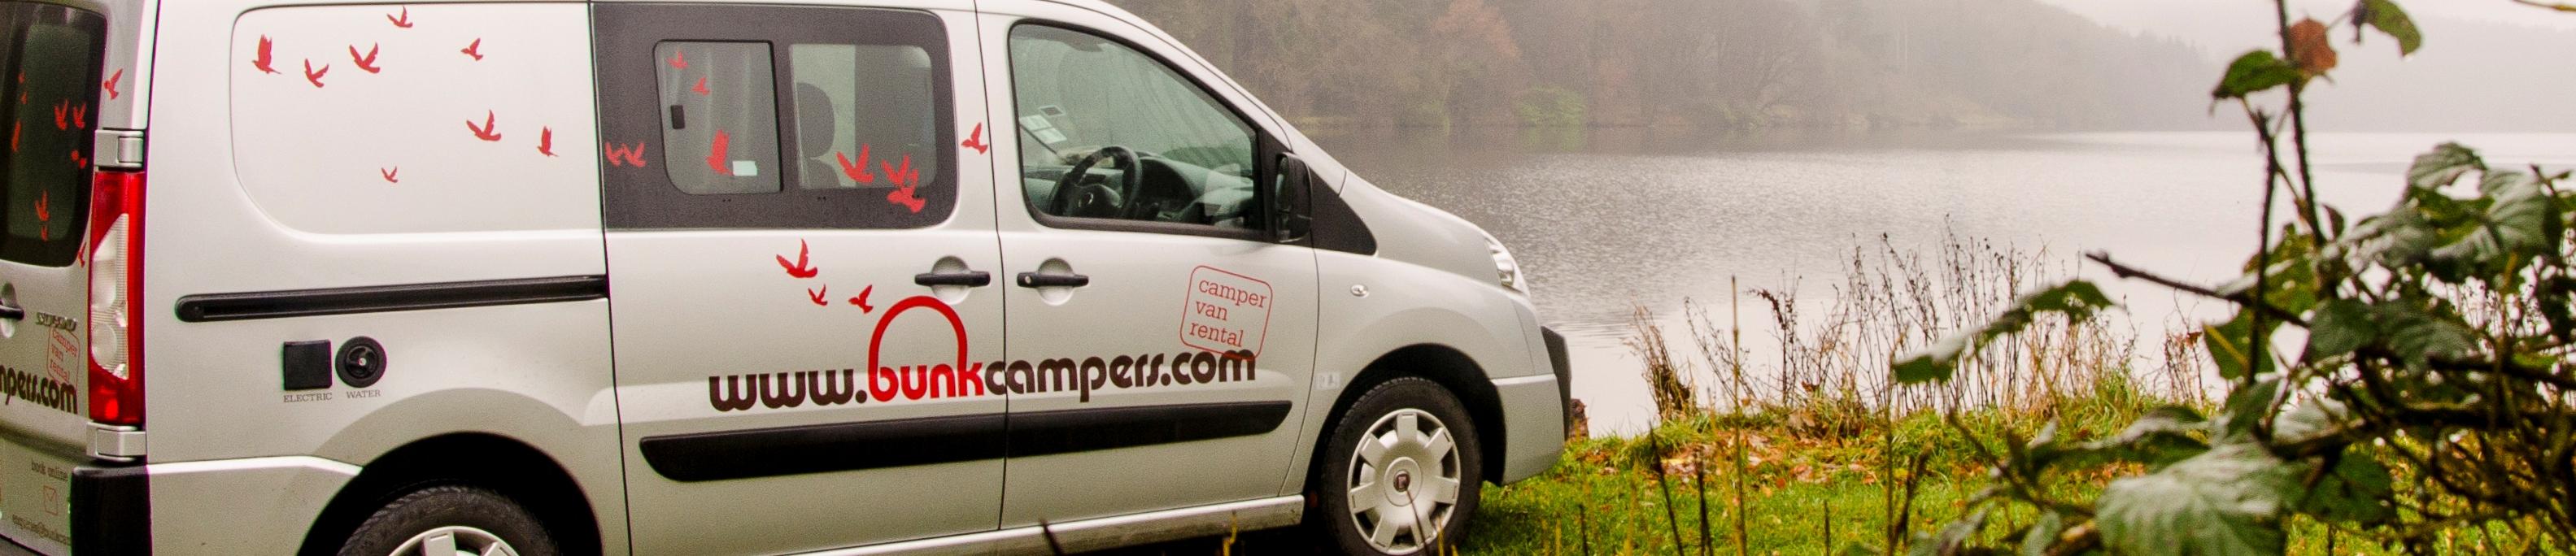 2 person campervan hire